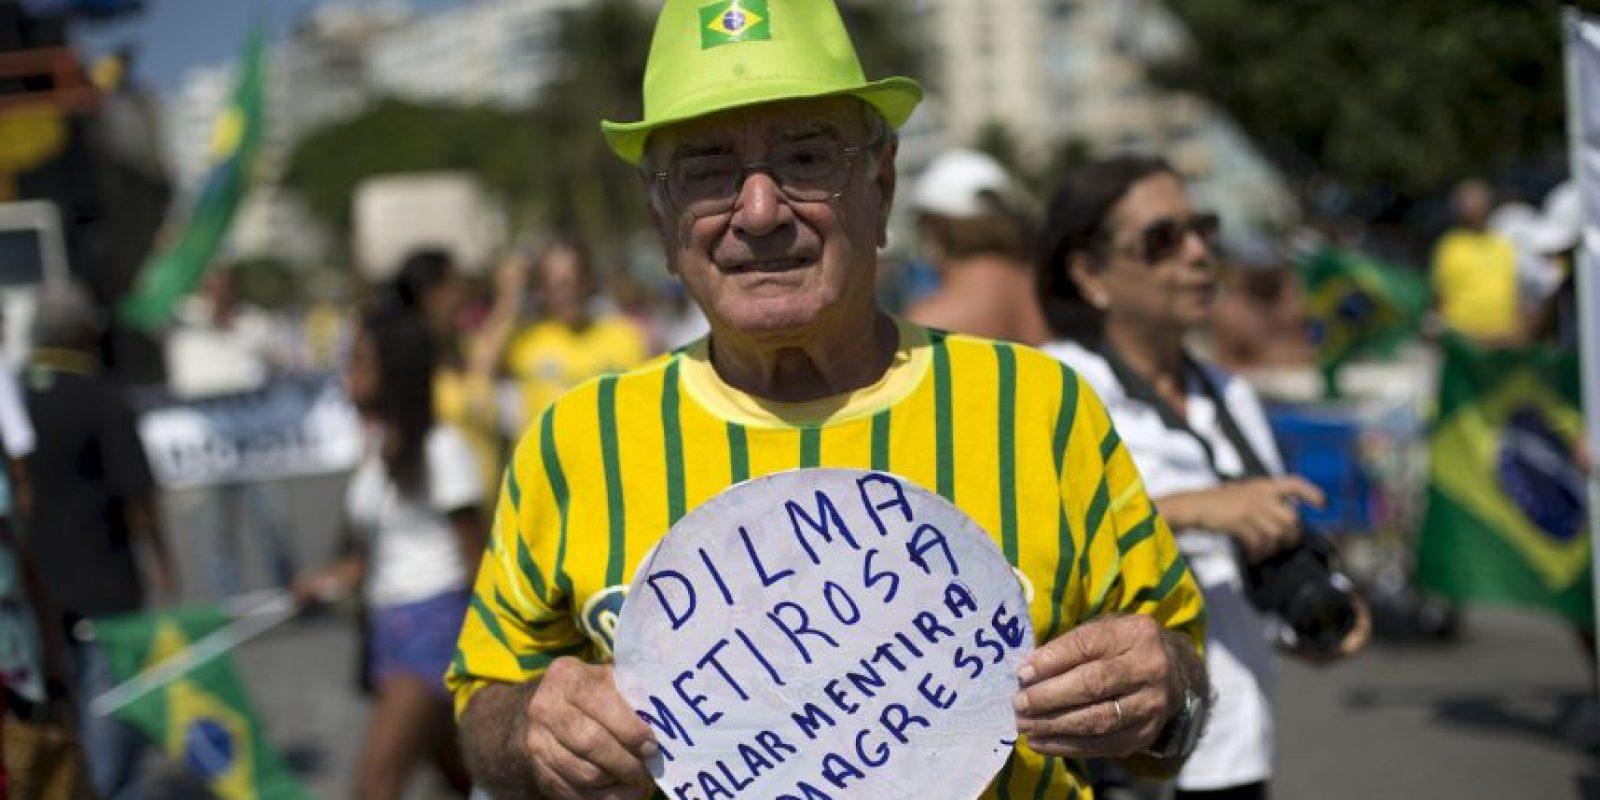 Llaman a Dilma Rousseff mentirosa. Foto:AP